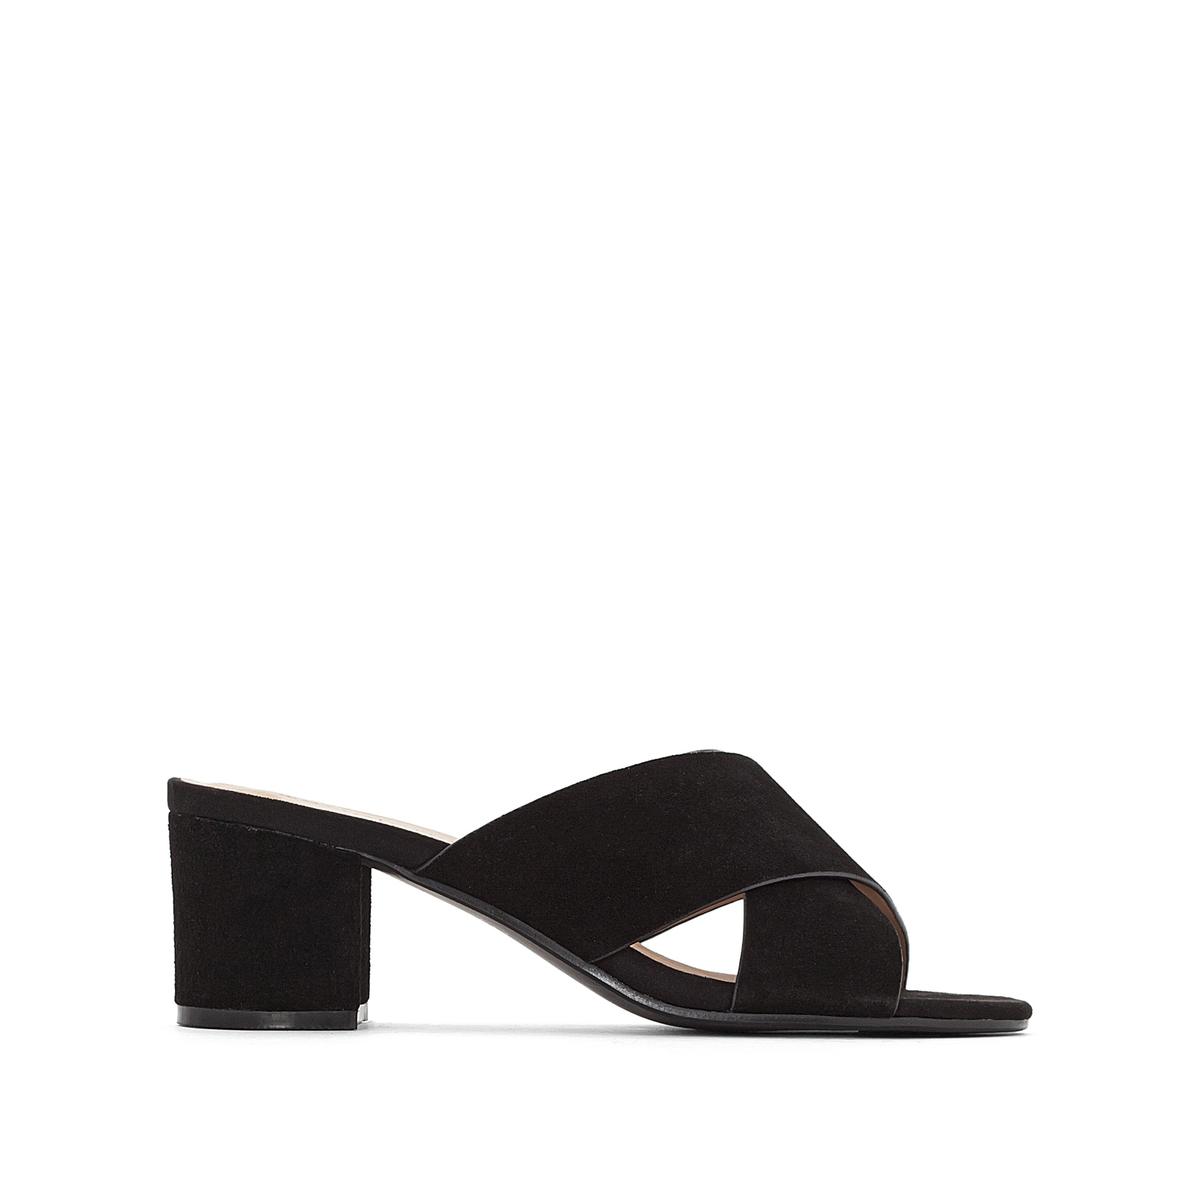 Туфли La Redoute Без задника кожаные с перекрещивающимися ремешками для широкой стопы размеры - 45 черный туфли без задника кожаные с блестящими деталями